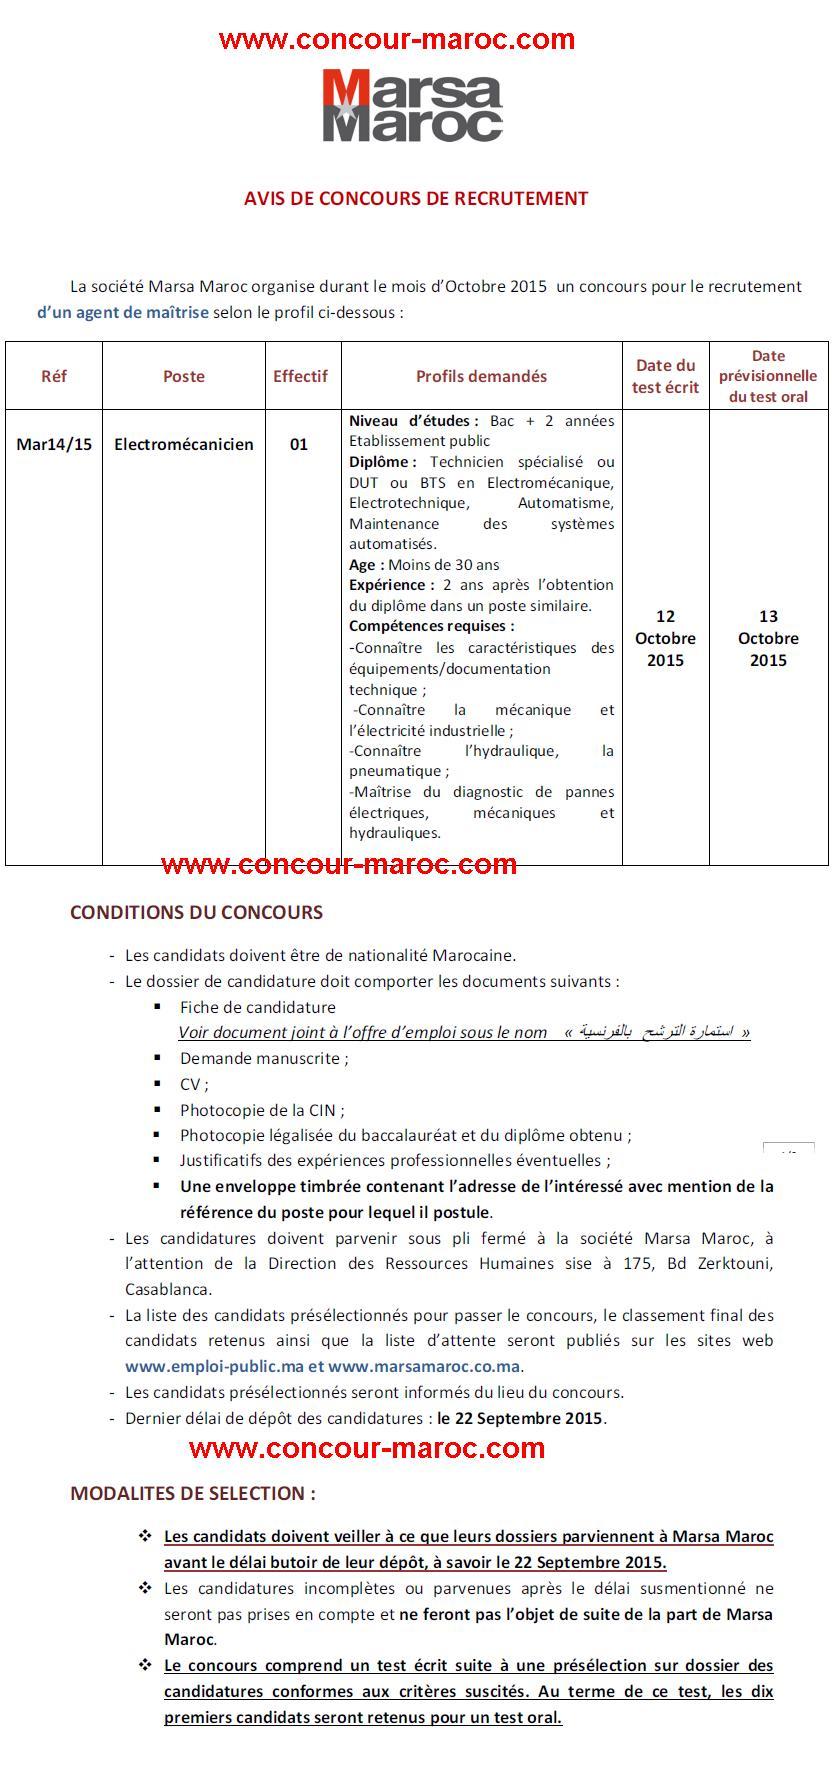 شركة استغلال الموانئ (مرسى ماروك) : مباراة لتوظيف إلكتروميكانيكي Eléctromécanicien (1 منصب) و ربان Pilote (2 منصبان) آخر أجل لإيداع الترشيحات 22 شتنبر 2015 Concou20